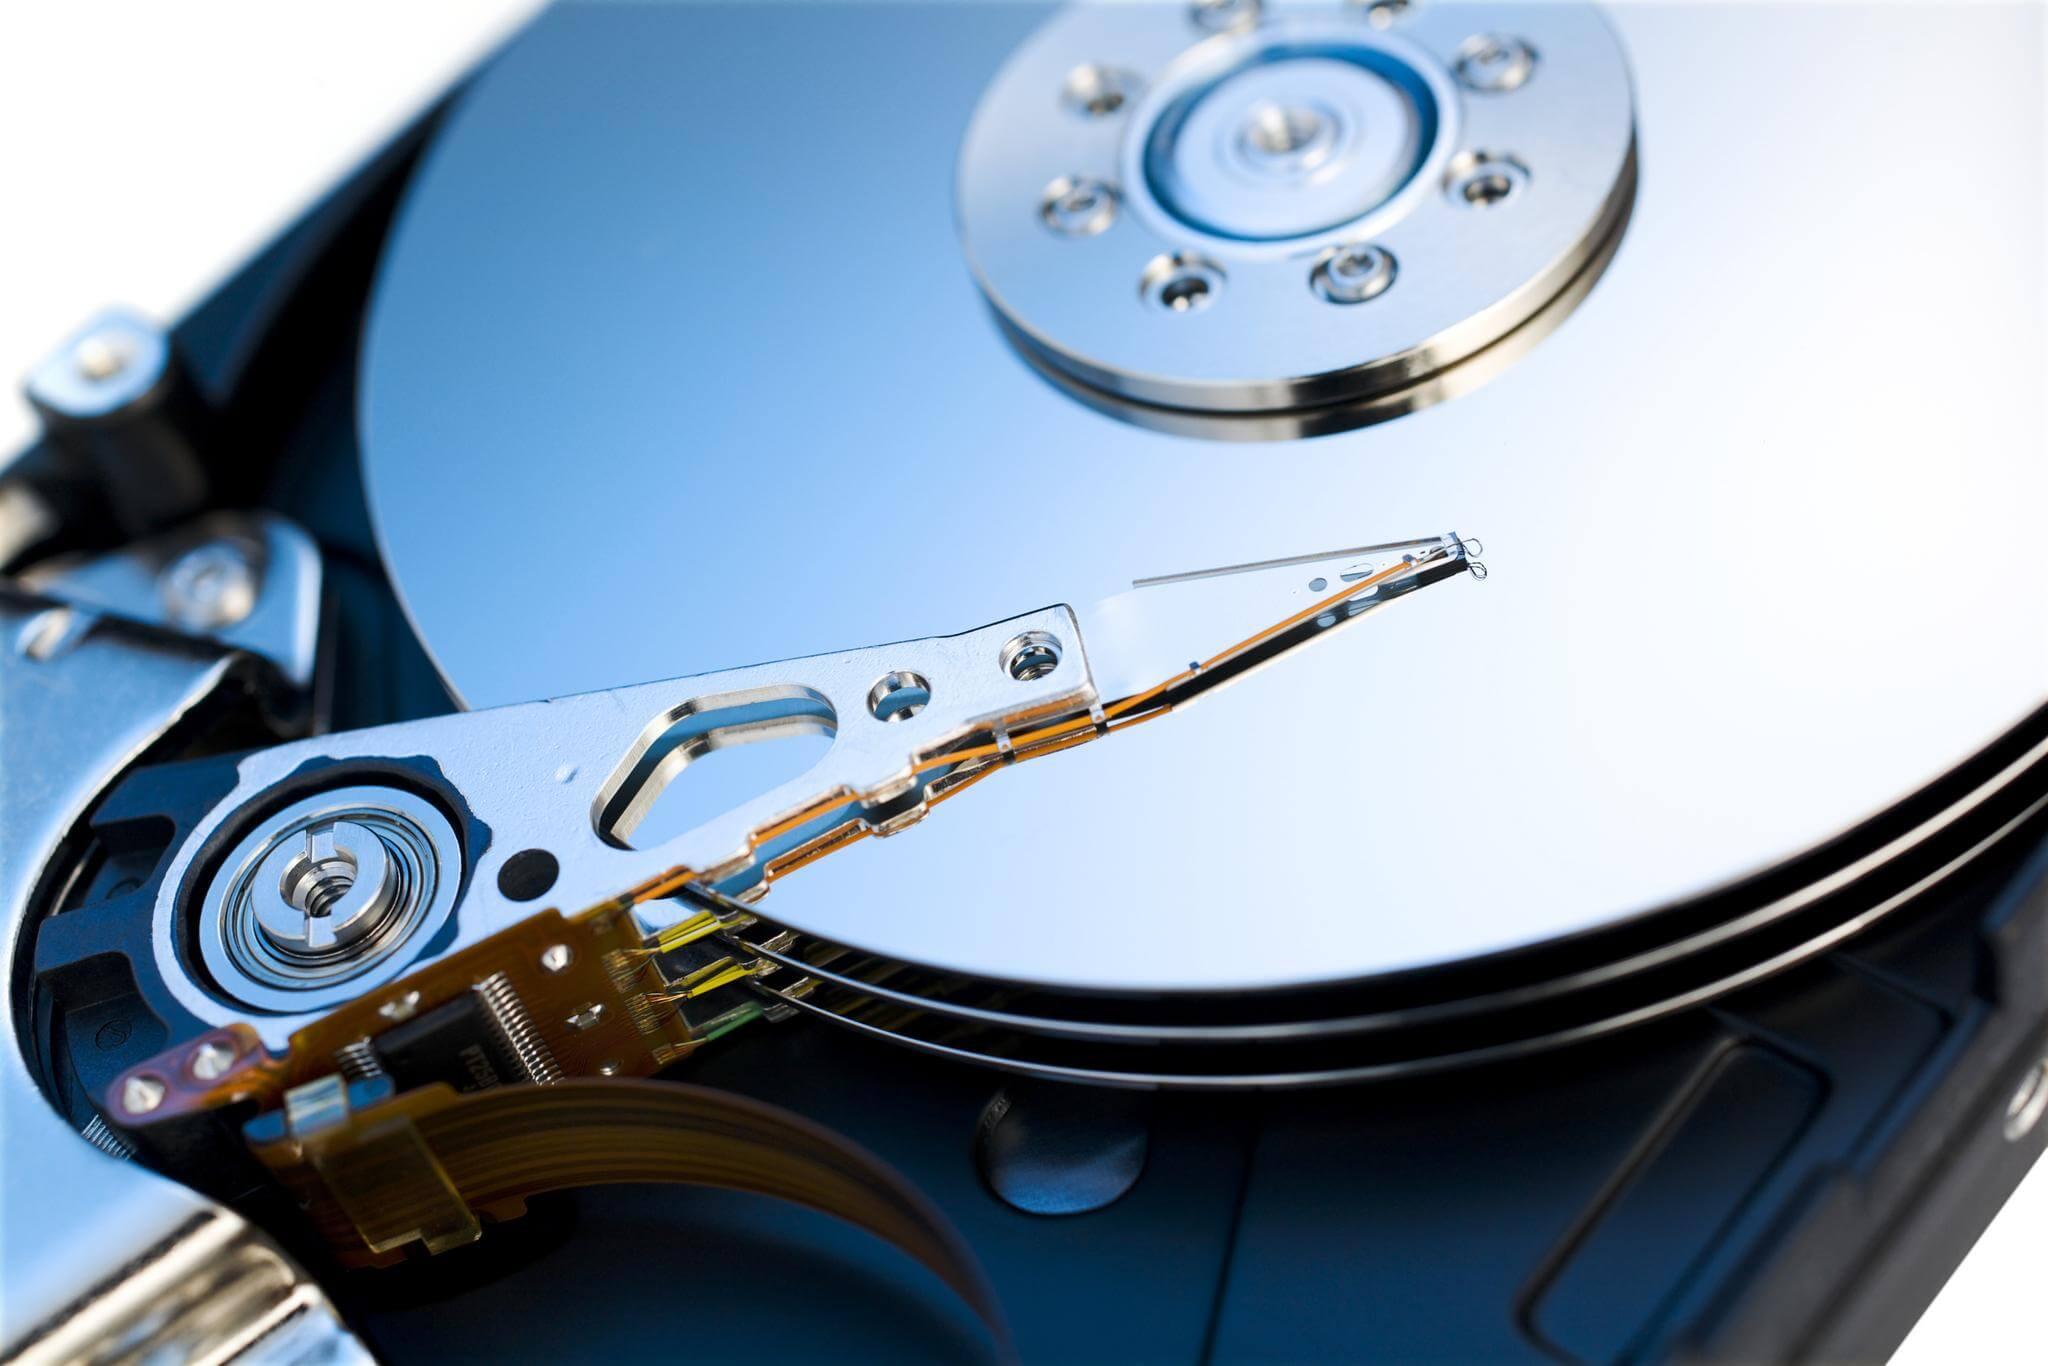 src/img/hard-drive.jpg